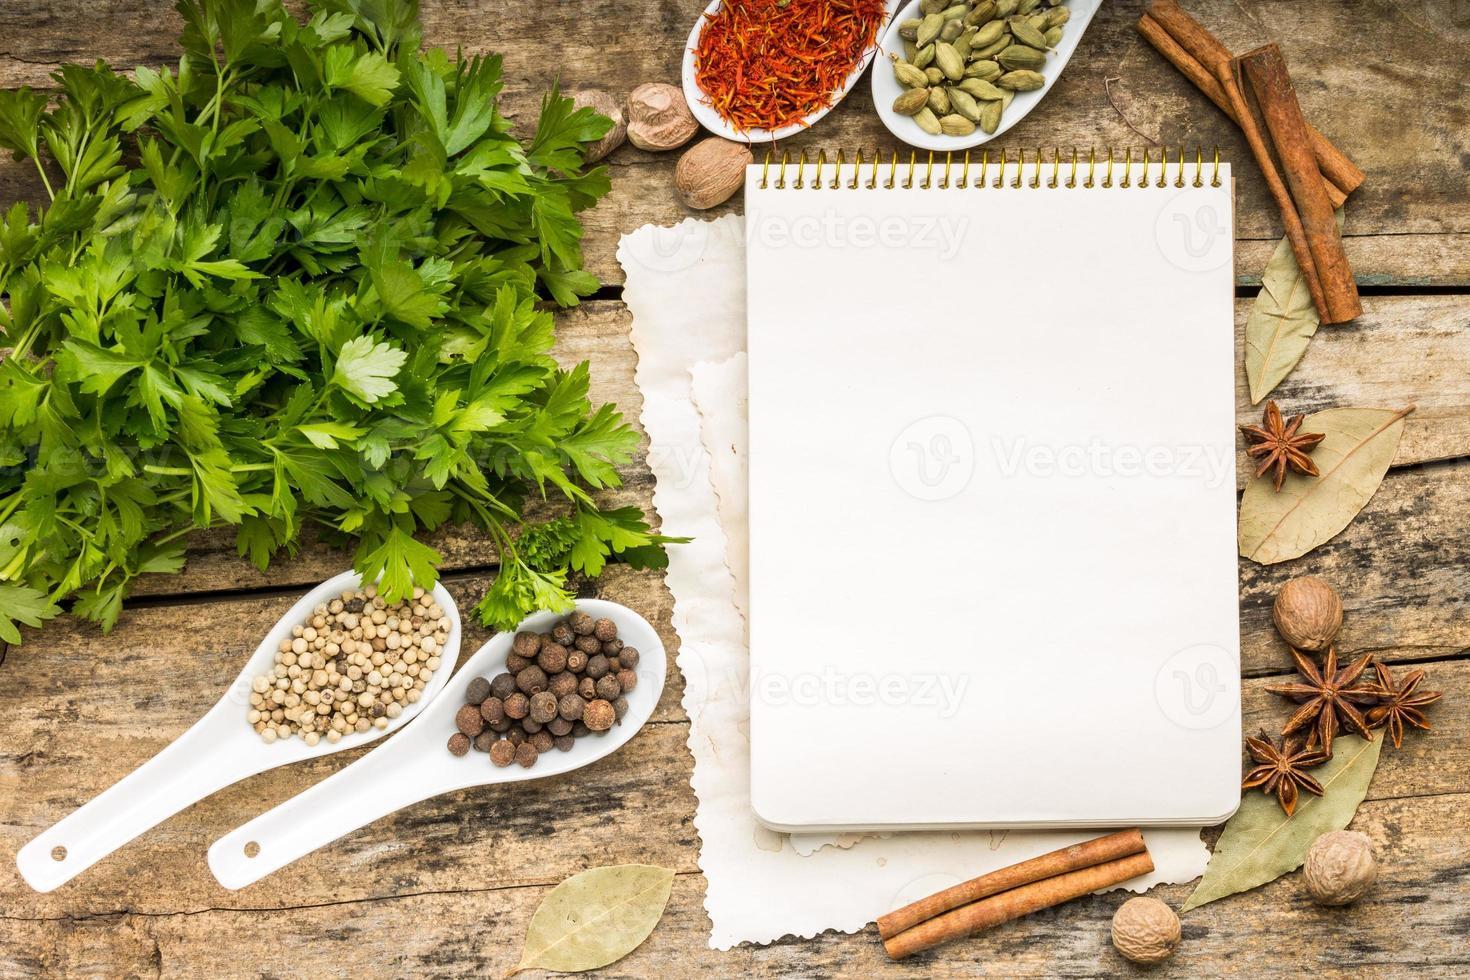 menybakgrund. recept anteckningar med mångfald av kryddor och örter. foto